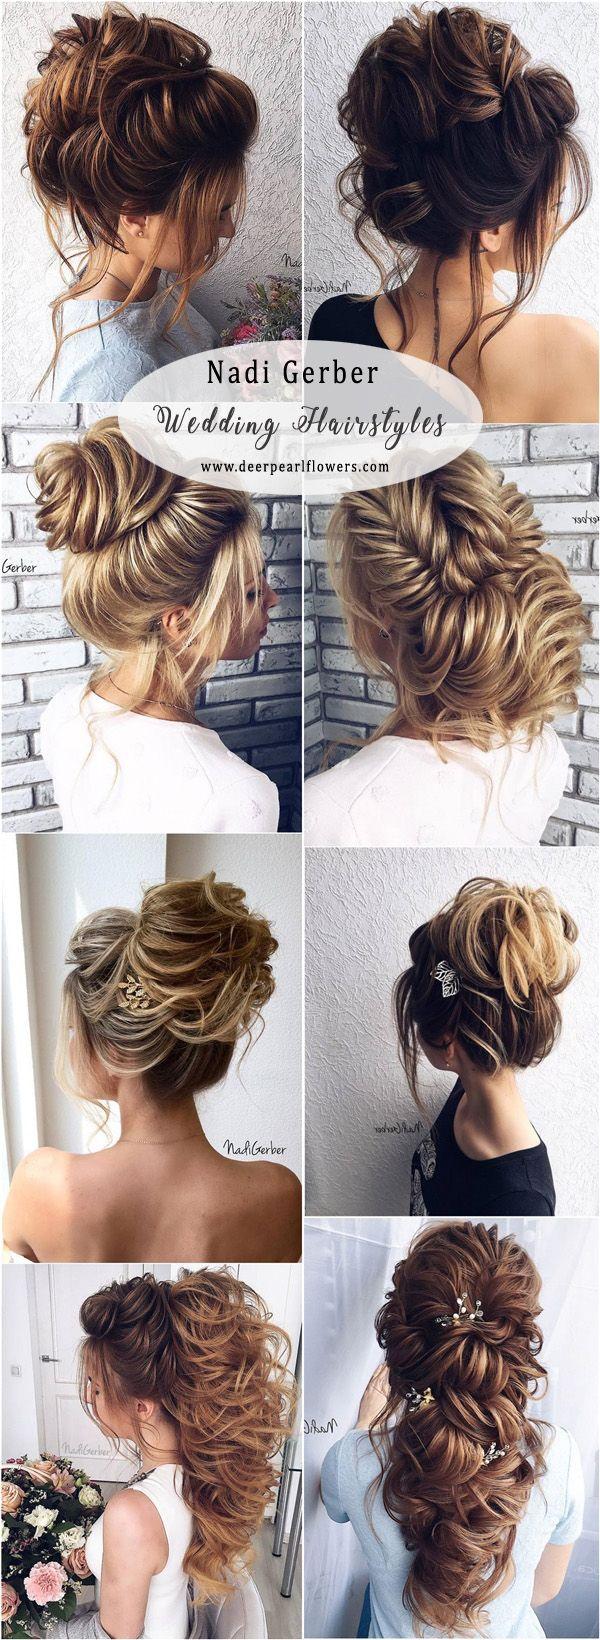 Nadi Gerber Long Bridal Hairstyles Updos for Wedding  #weddings #weddinghair #ha...